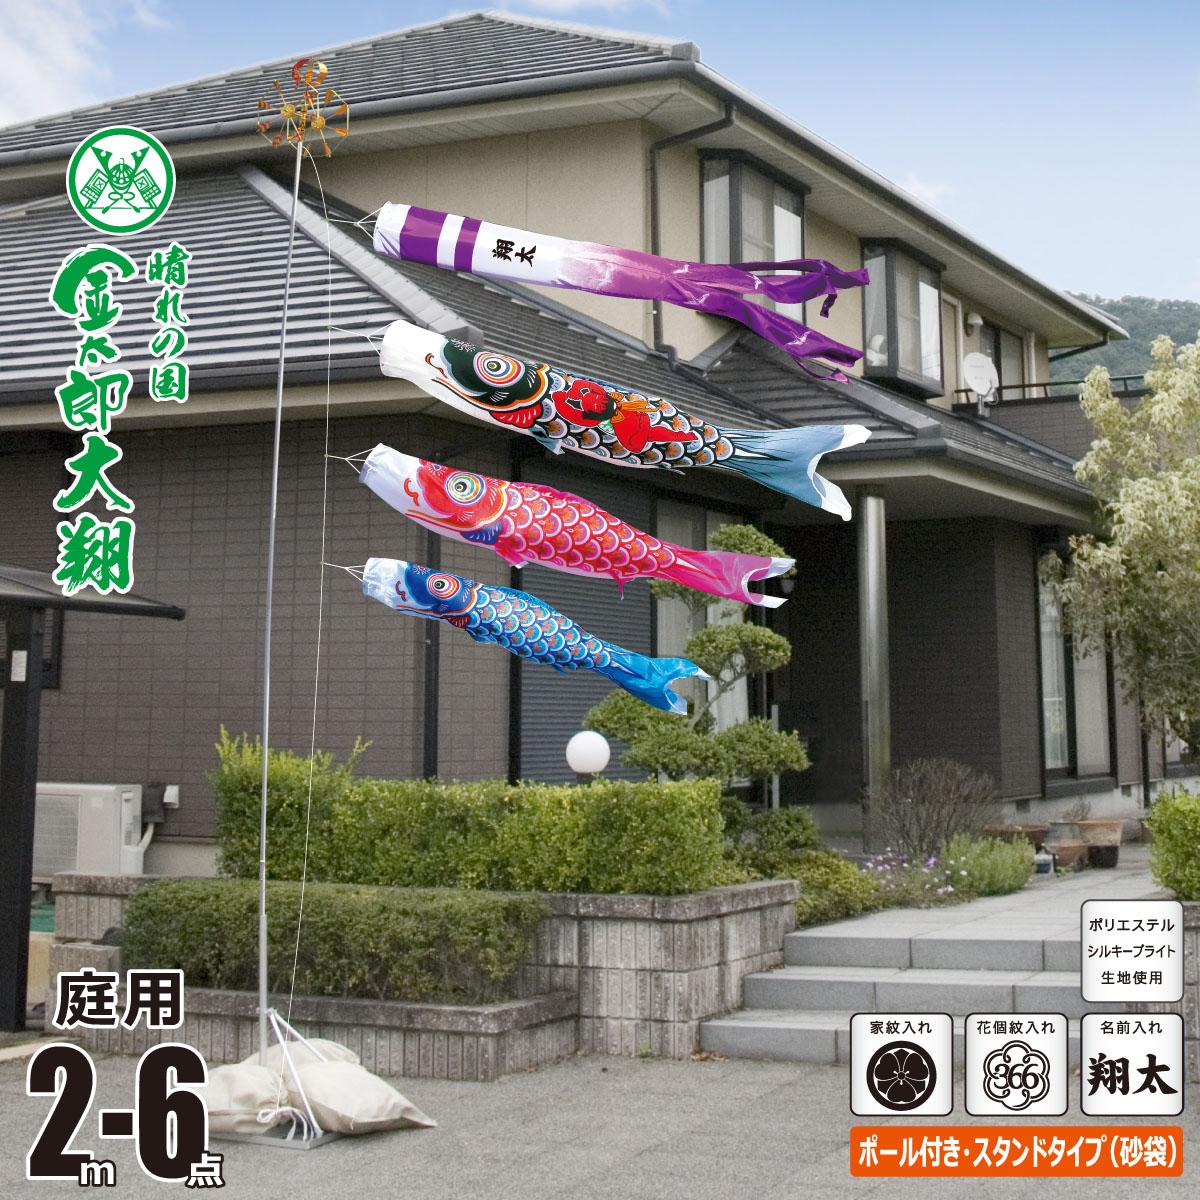 こいのぼり 2m 金太郎大翔 6点 (矢車、ロープ、吹流し、鯉3匹) 庭園用 スタンドセット (庭用 スタンド 砂袋3枚入り) 徳永鯉のぼり KIT-003-693